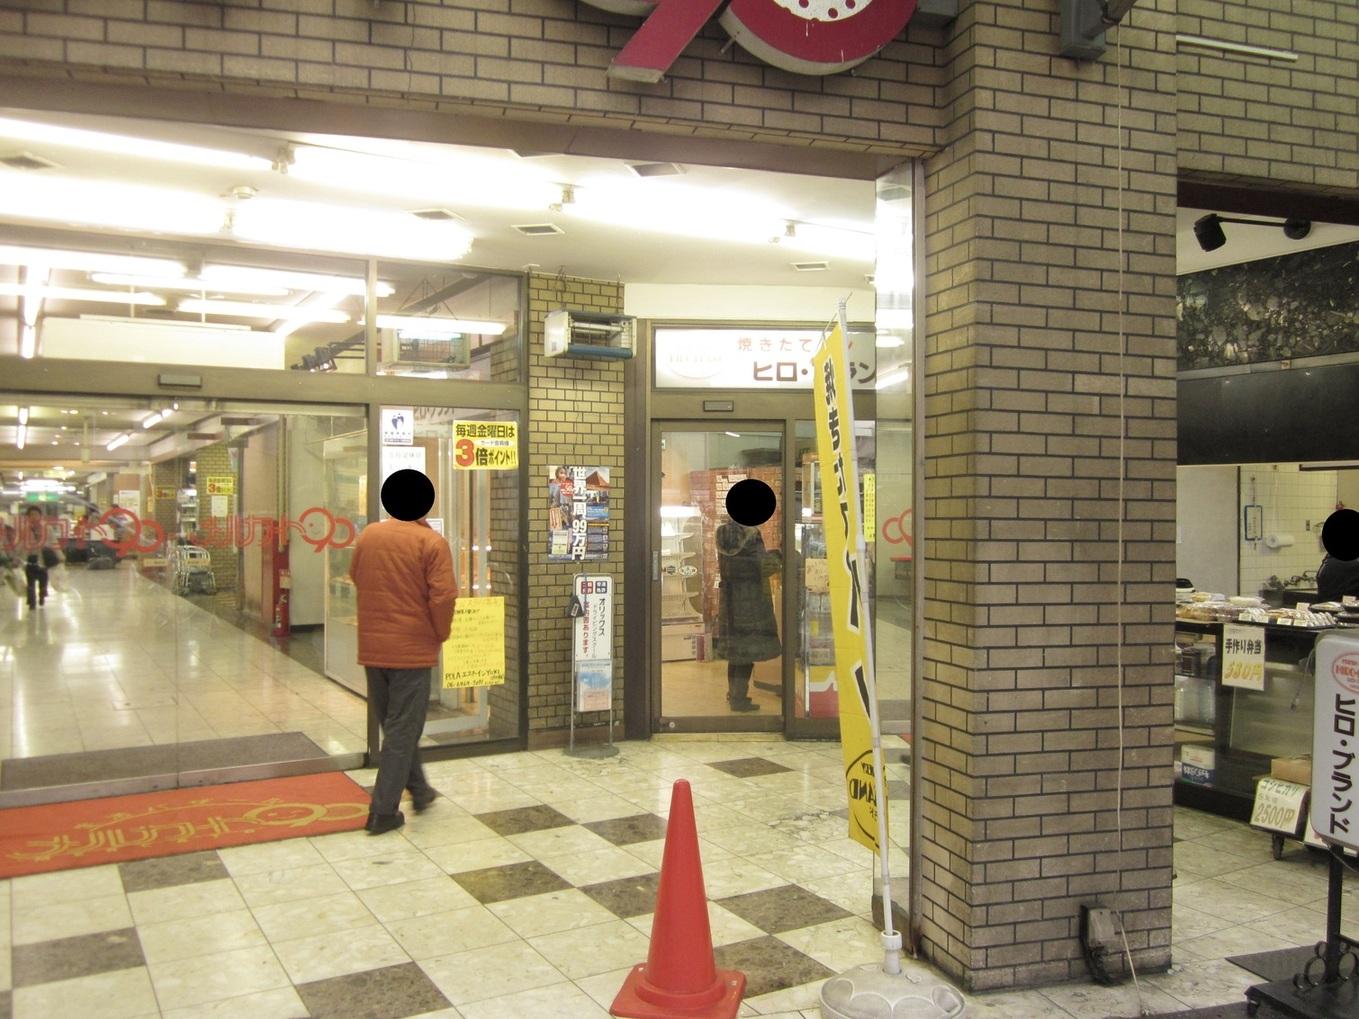 ヒロ・ブランド 市岡店